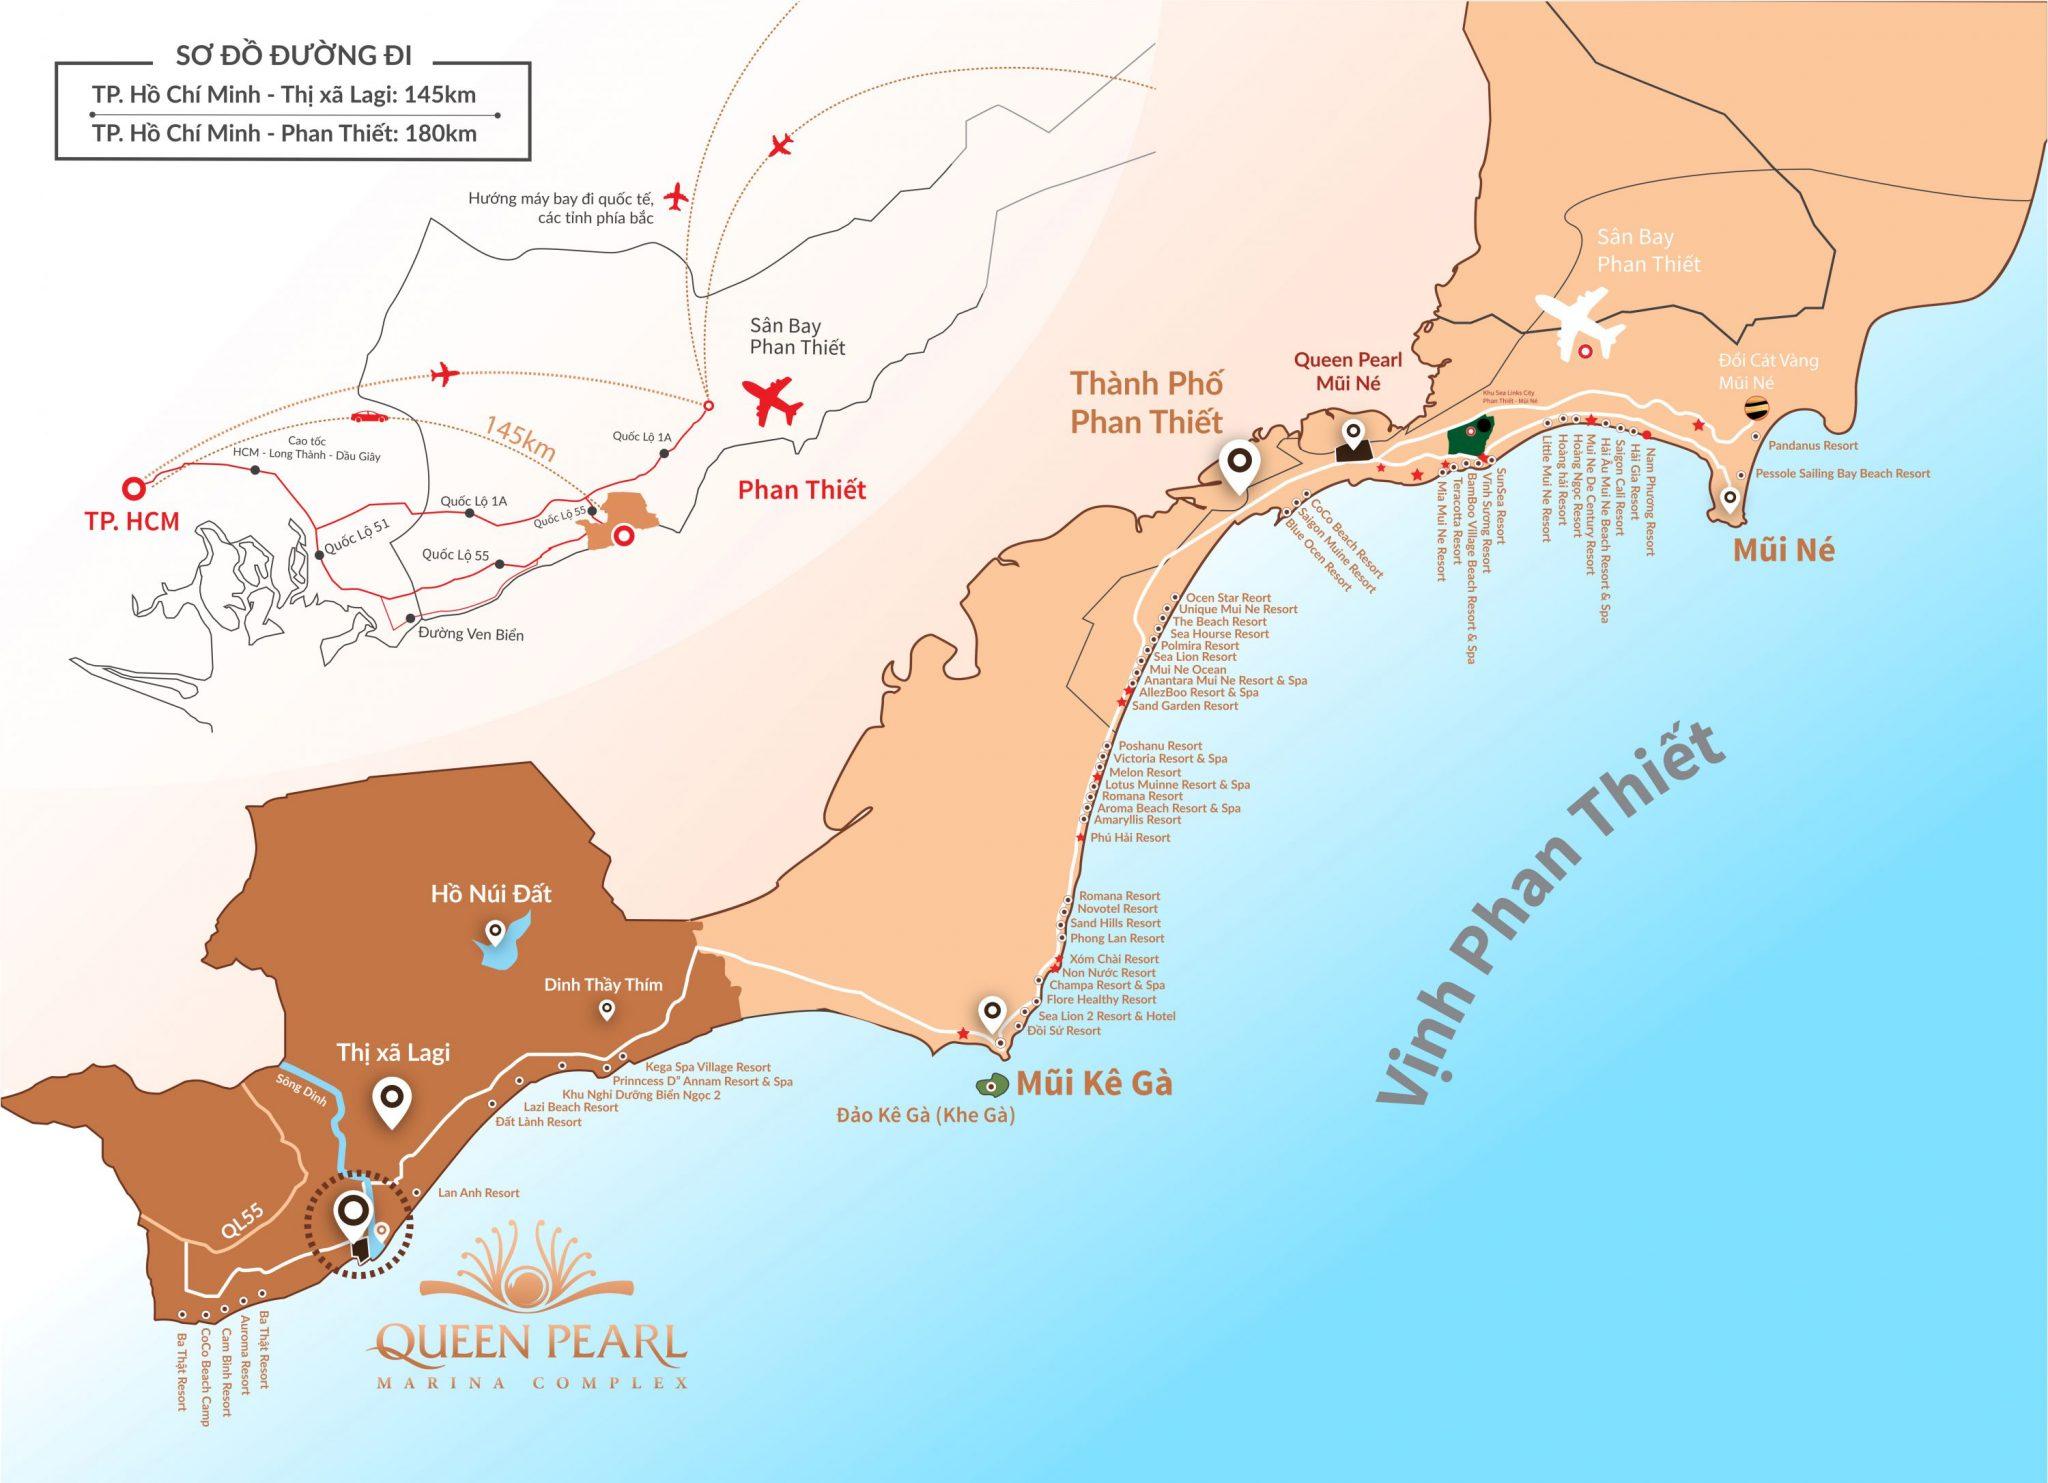 Map - vị trí khu đô thị Queen Pearl Marina Lagi Bình Thuận